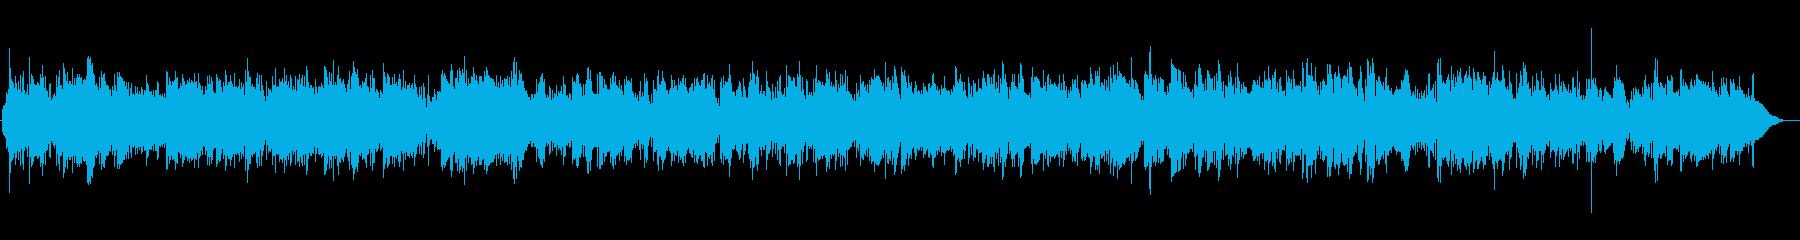 アイリッシュの民謡の代表曲の再生済みの波形